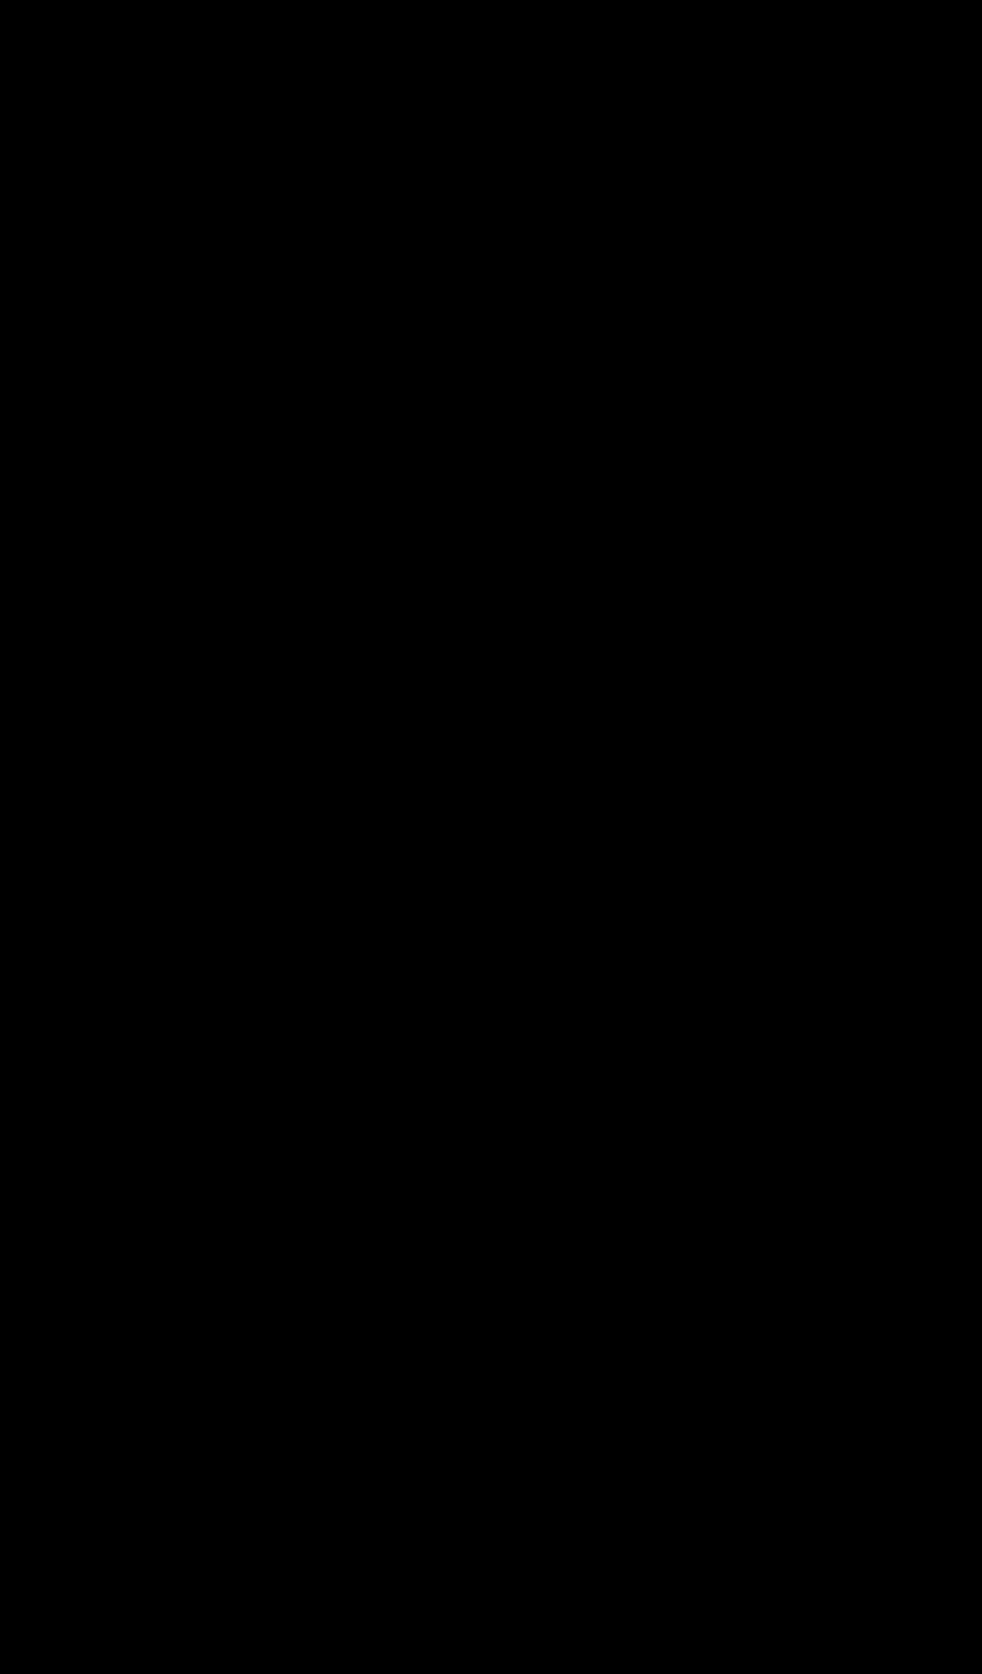 図25.png